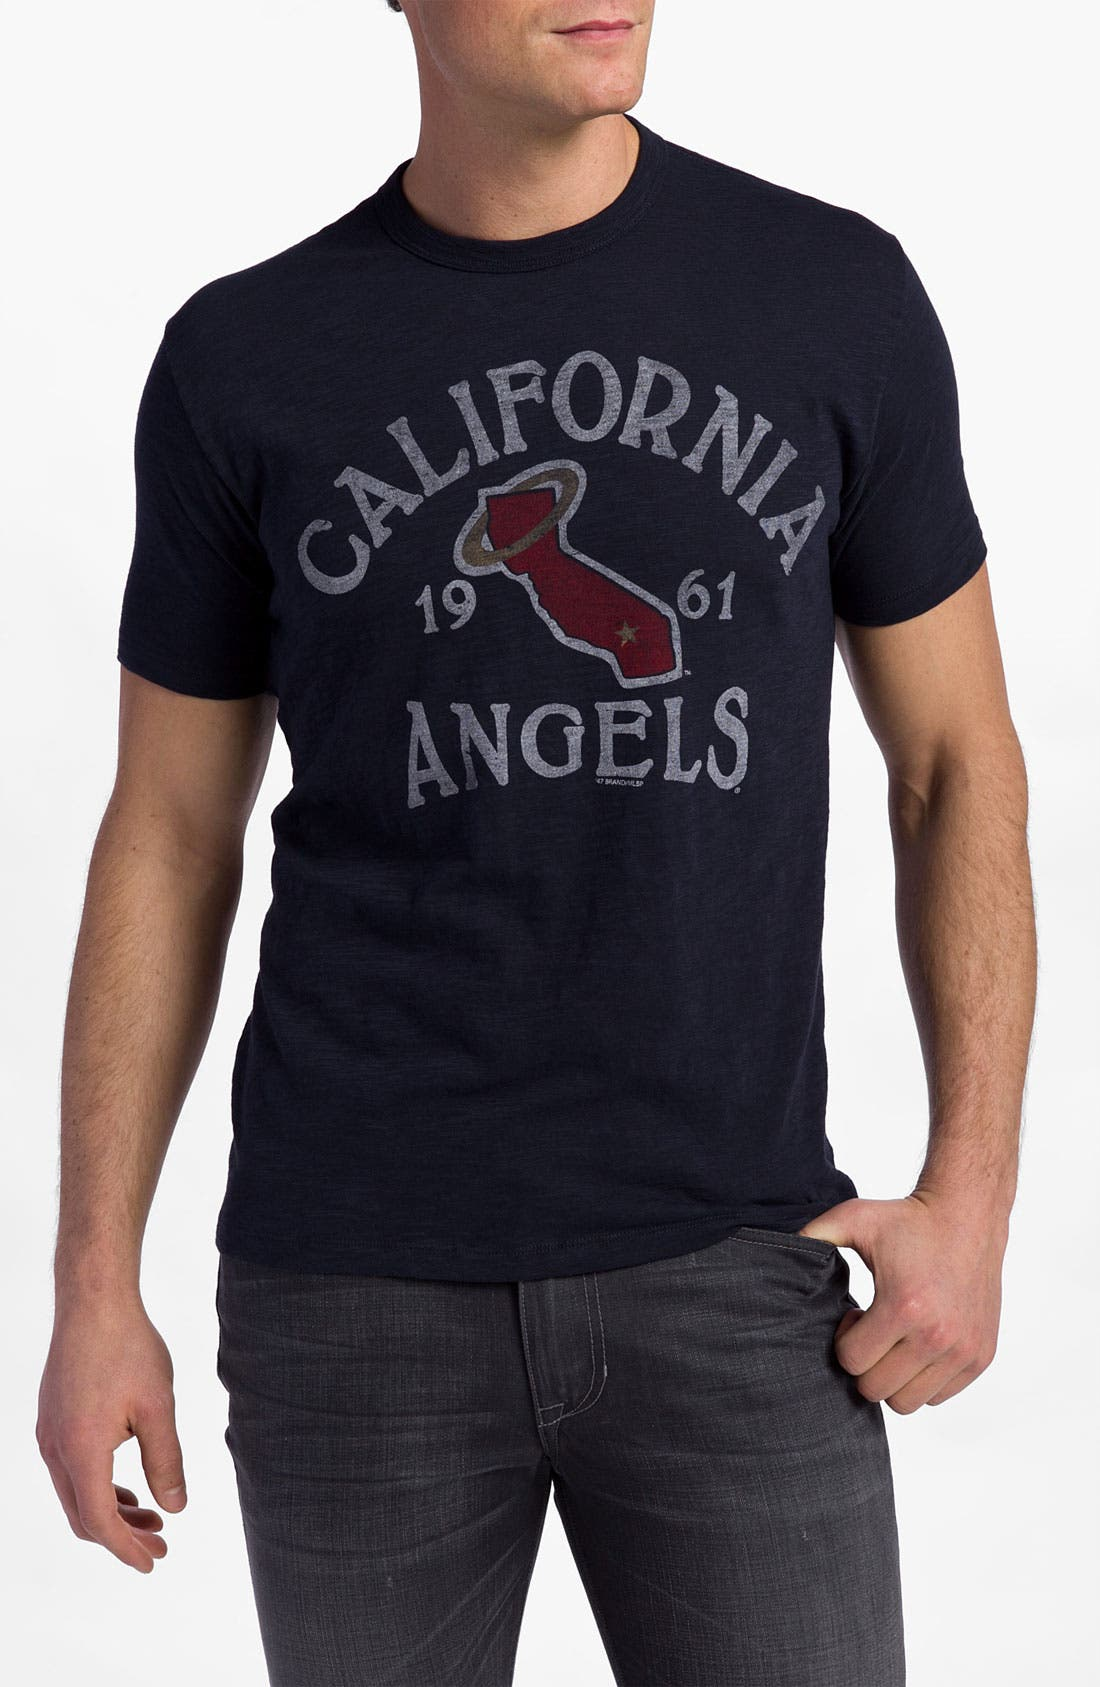 Alternate Image 1 Selected - Banner 47 'Los Angeles Angels' Regular Fit Crewneck T-Shirt (Men)